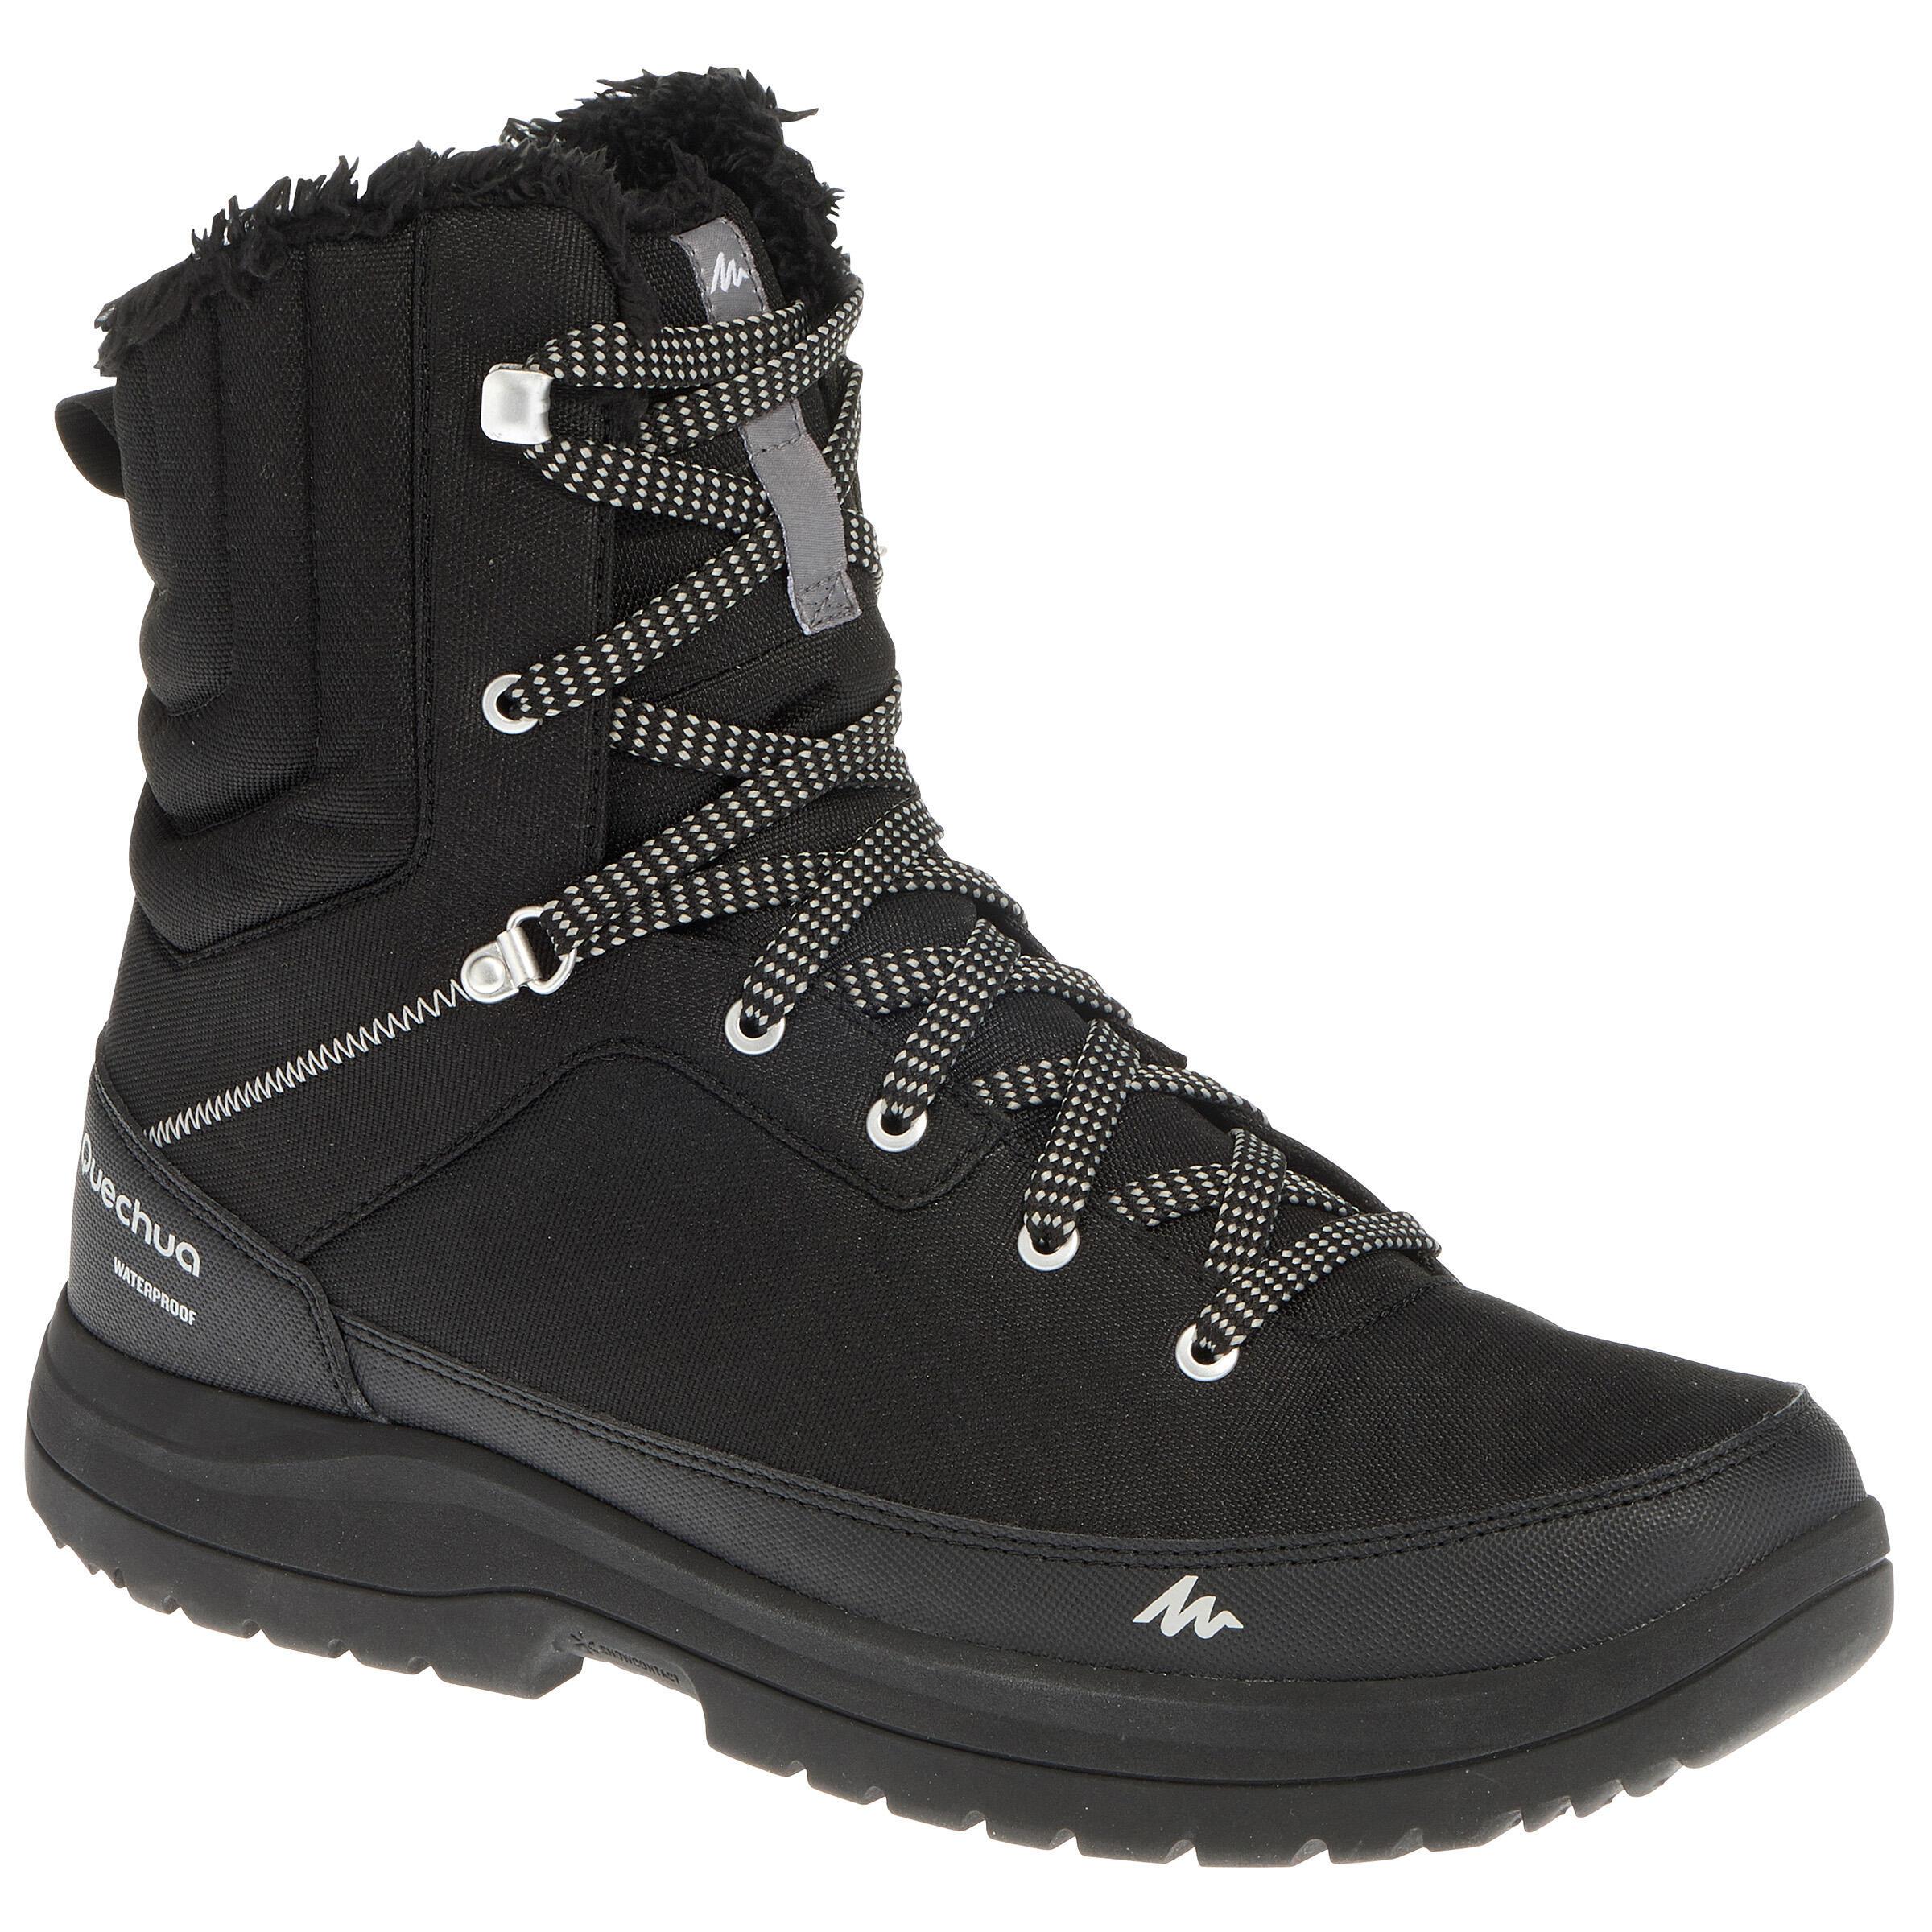 4878320da Comprar Botas de Nieve para Hombre online